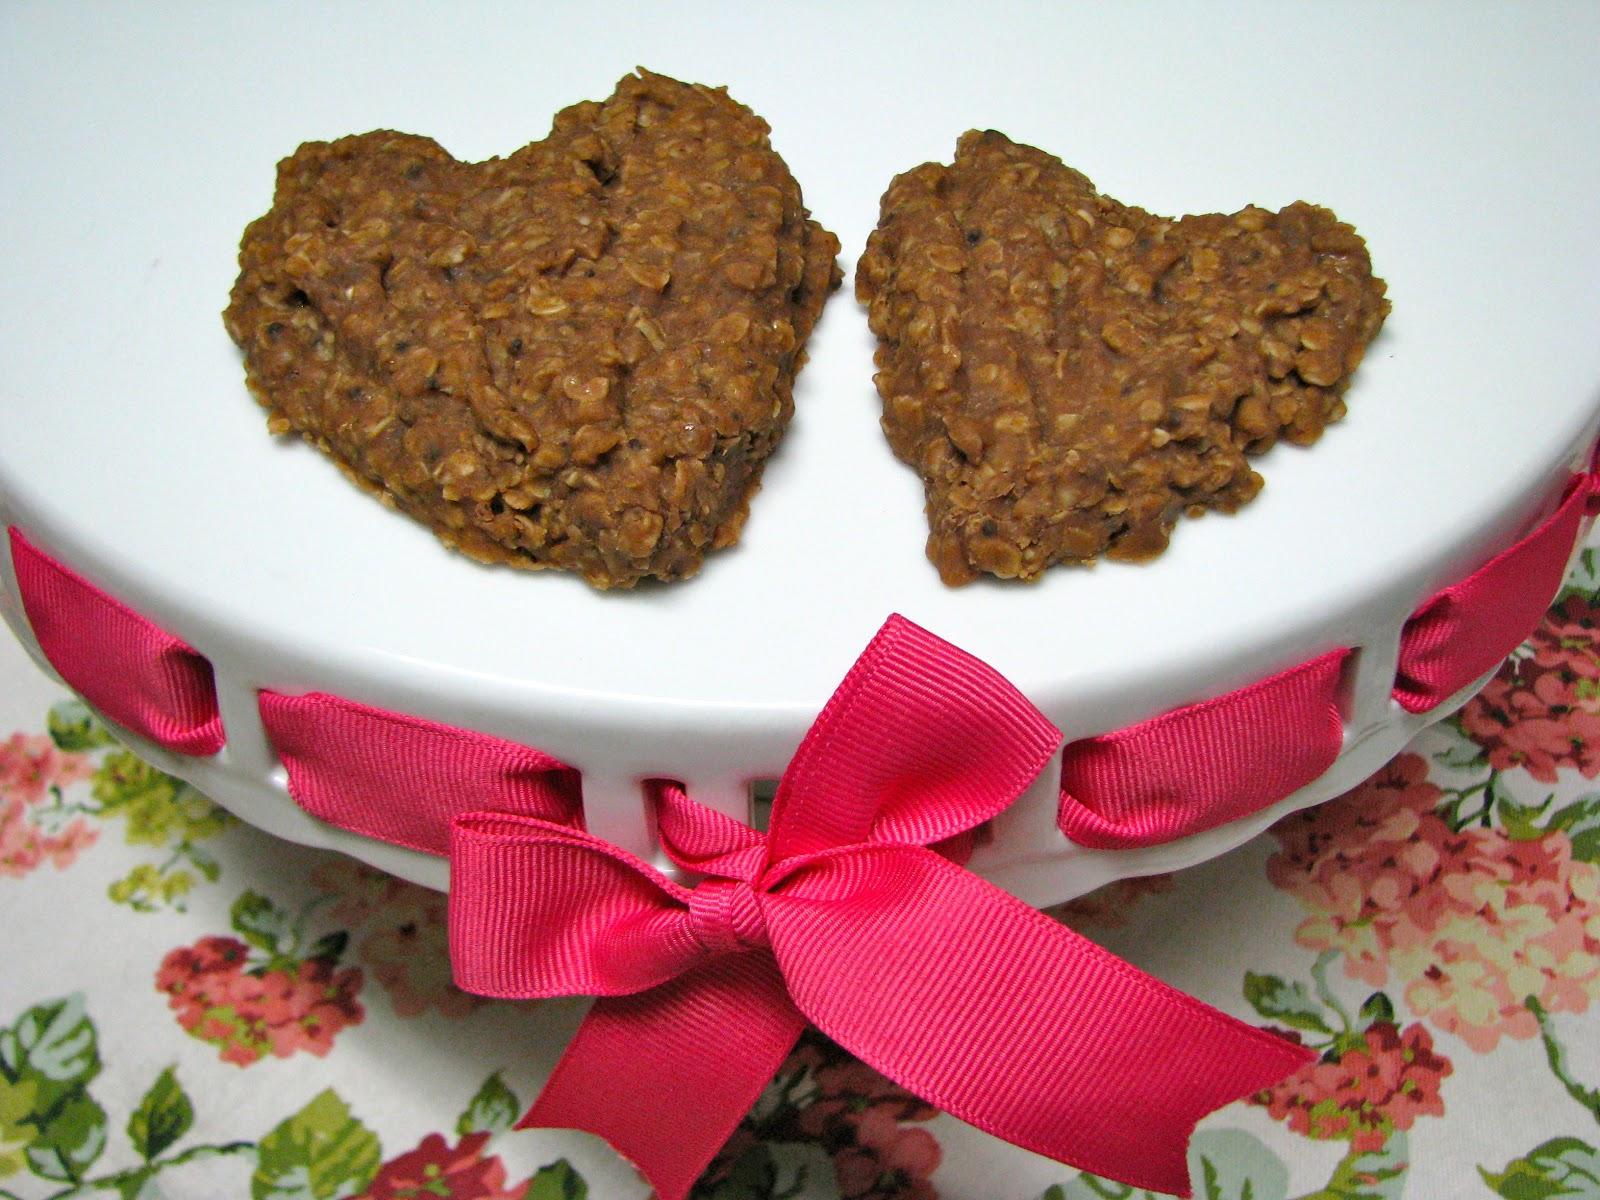 how to make homemade oatmeal cookies at home